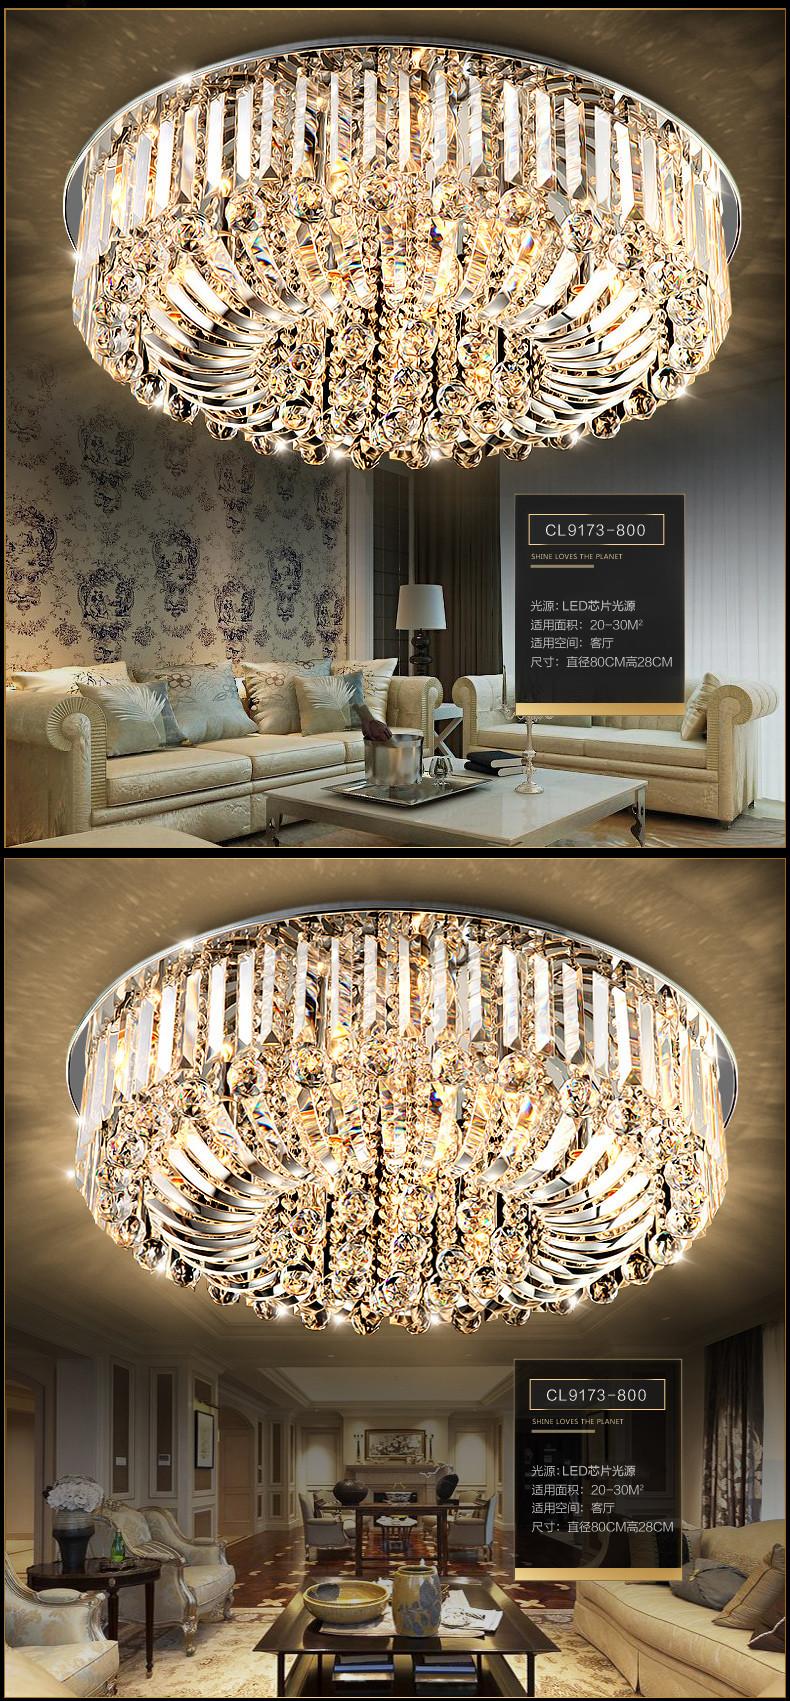 【3件水晶灯套餐】世源欧式led水晶灯美式大气吸顶灯